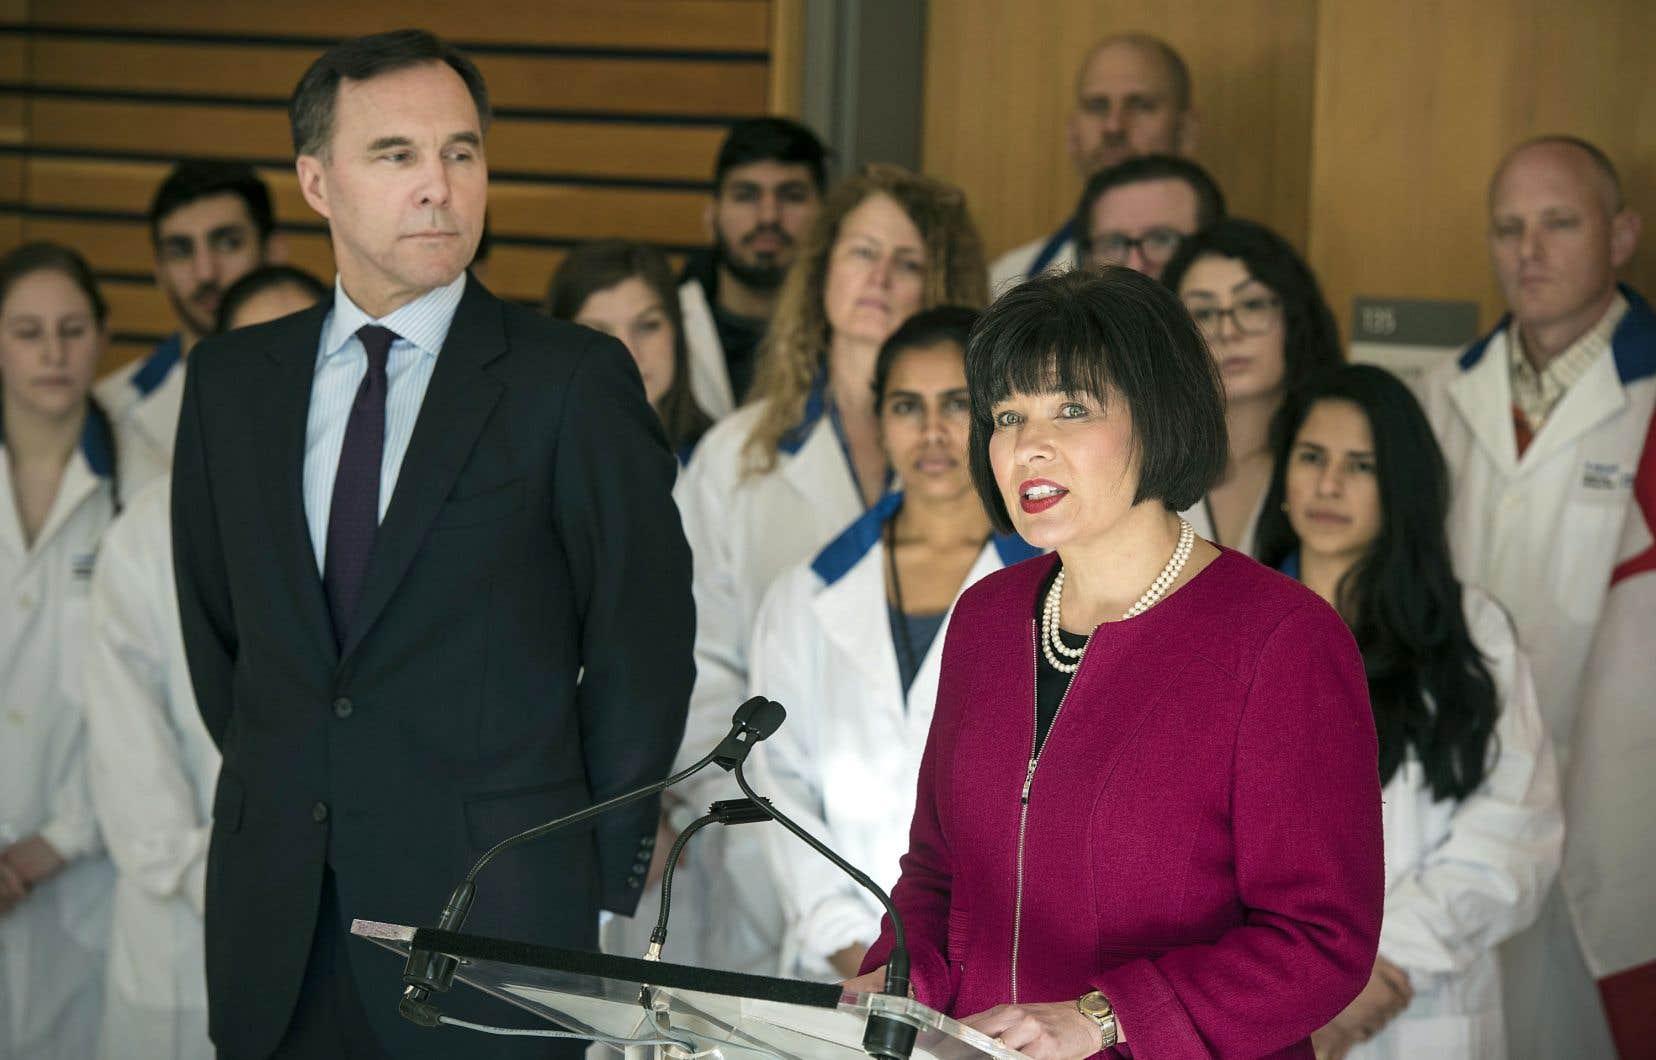 Le ministre des Finances Bill Morneau et la ministre de la Santé Ginette Petitpas Taylor, à l'occasion de la publication du rapport provisoire sur l'assurance médicaments